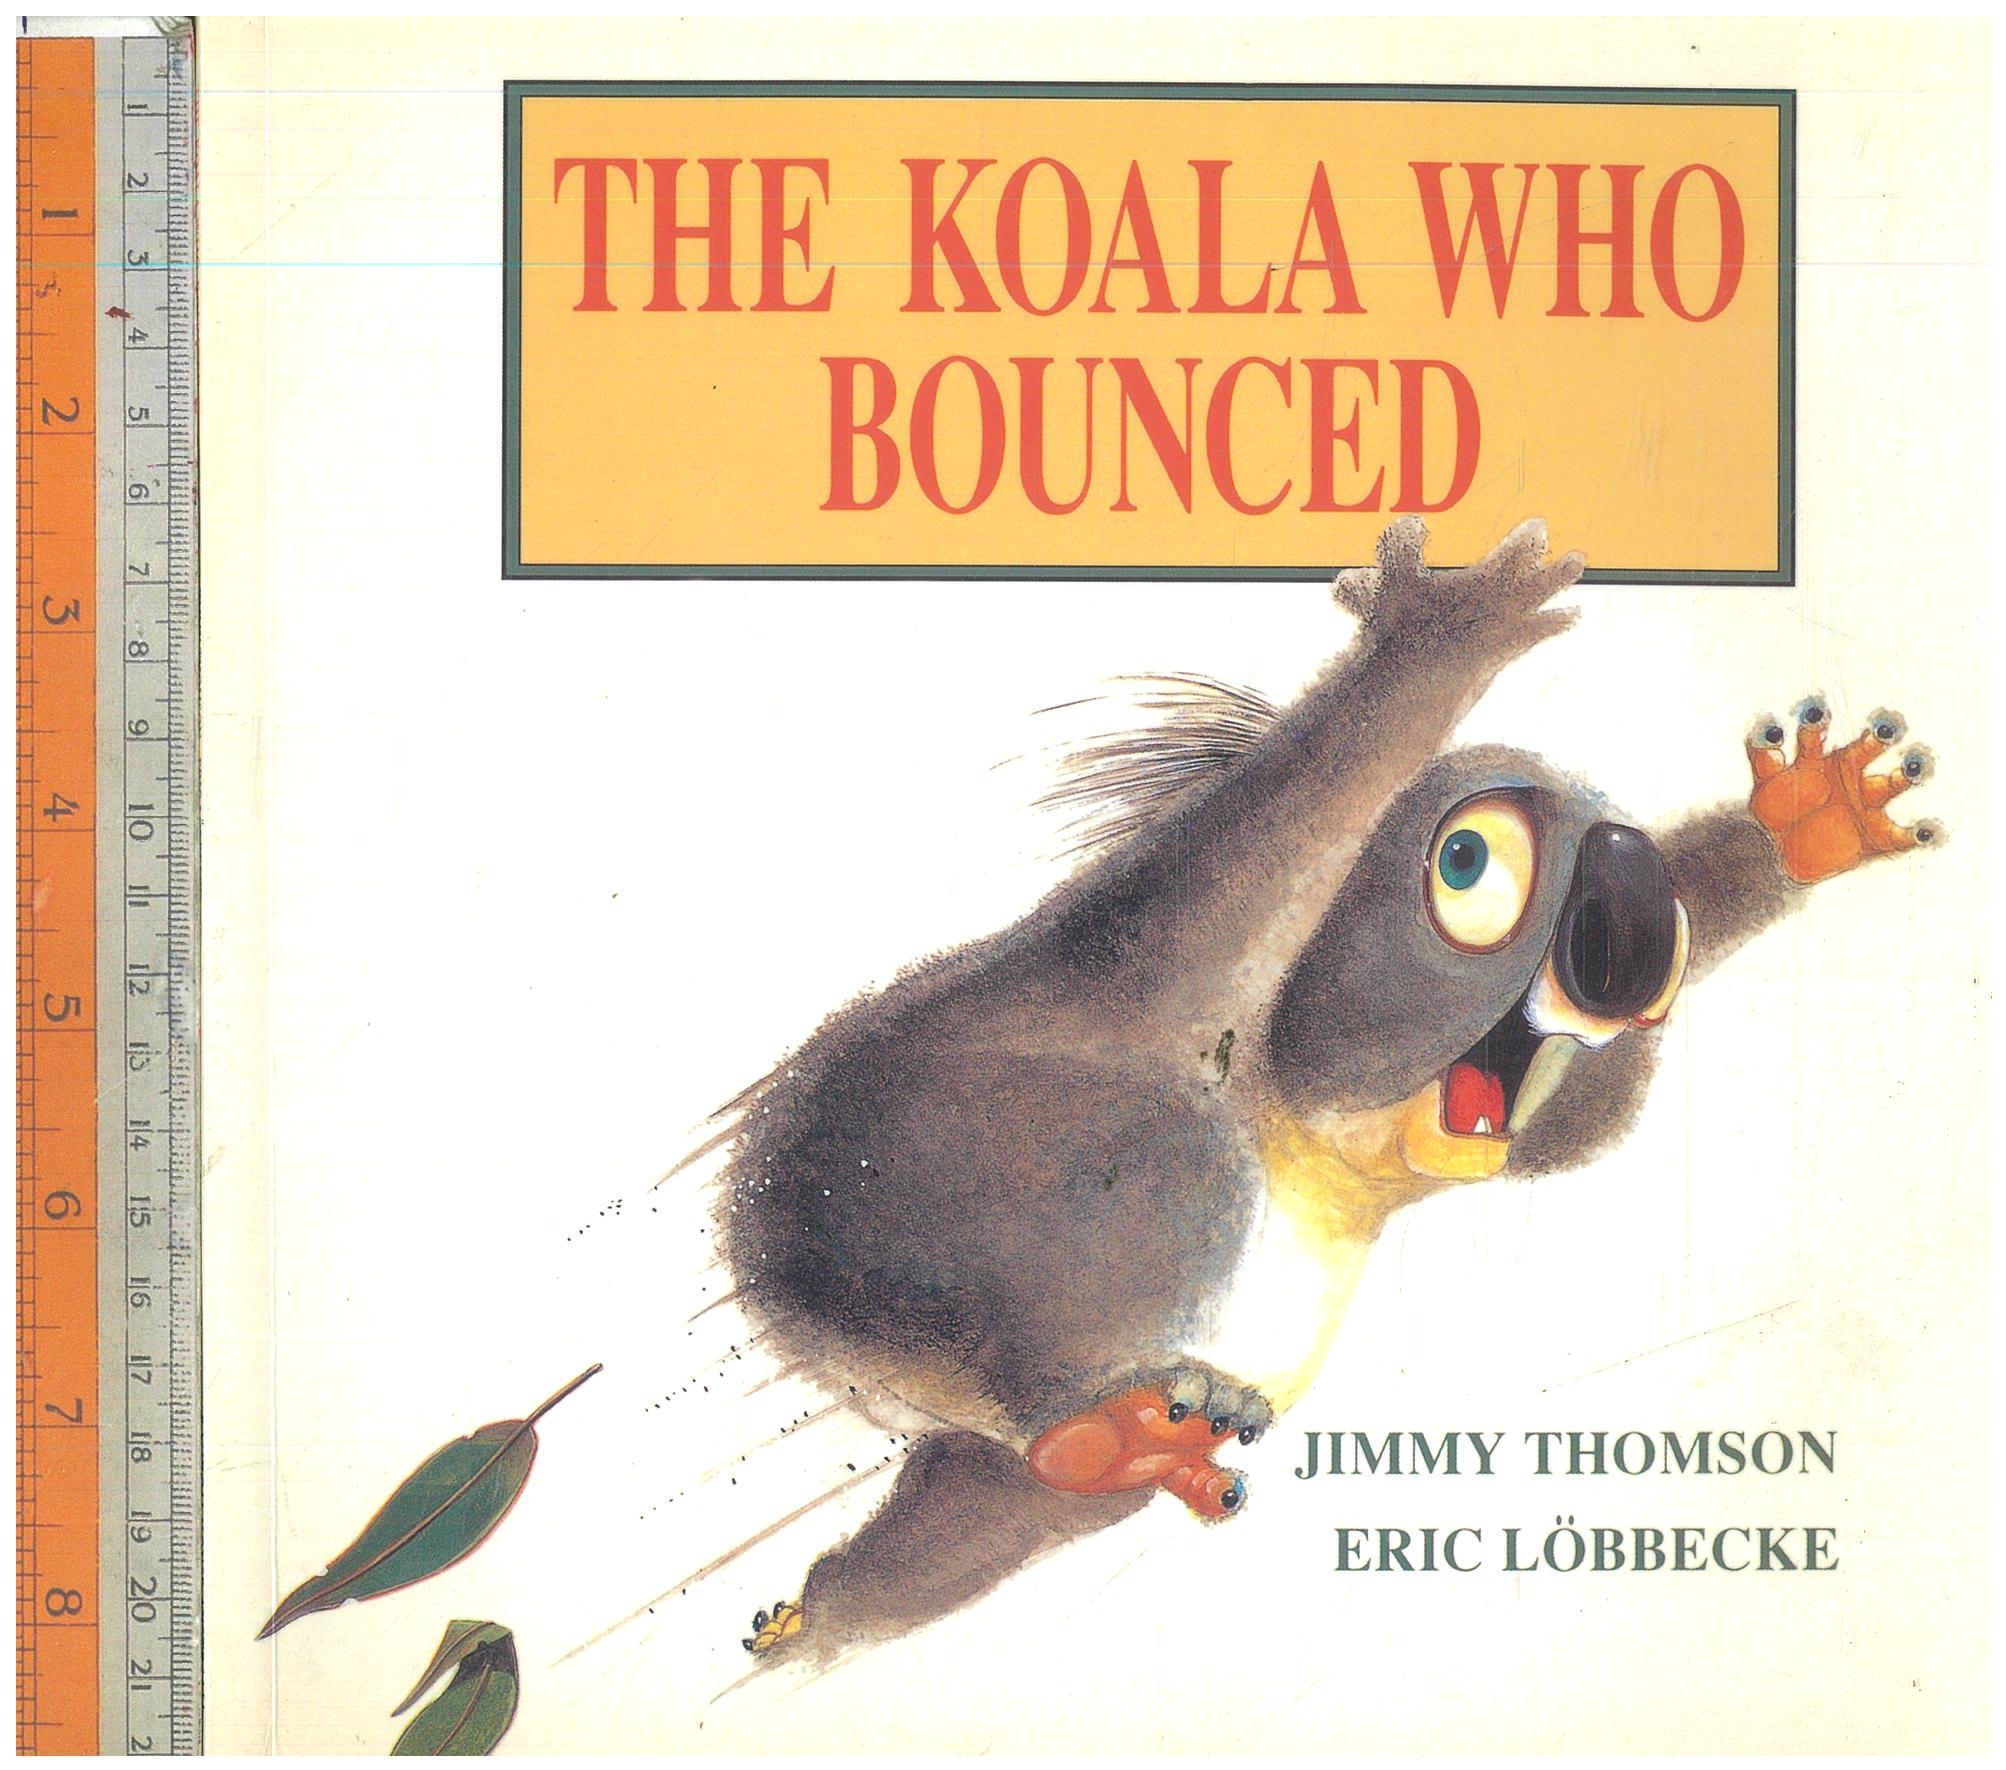 Koala who bounced